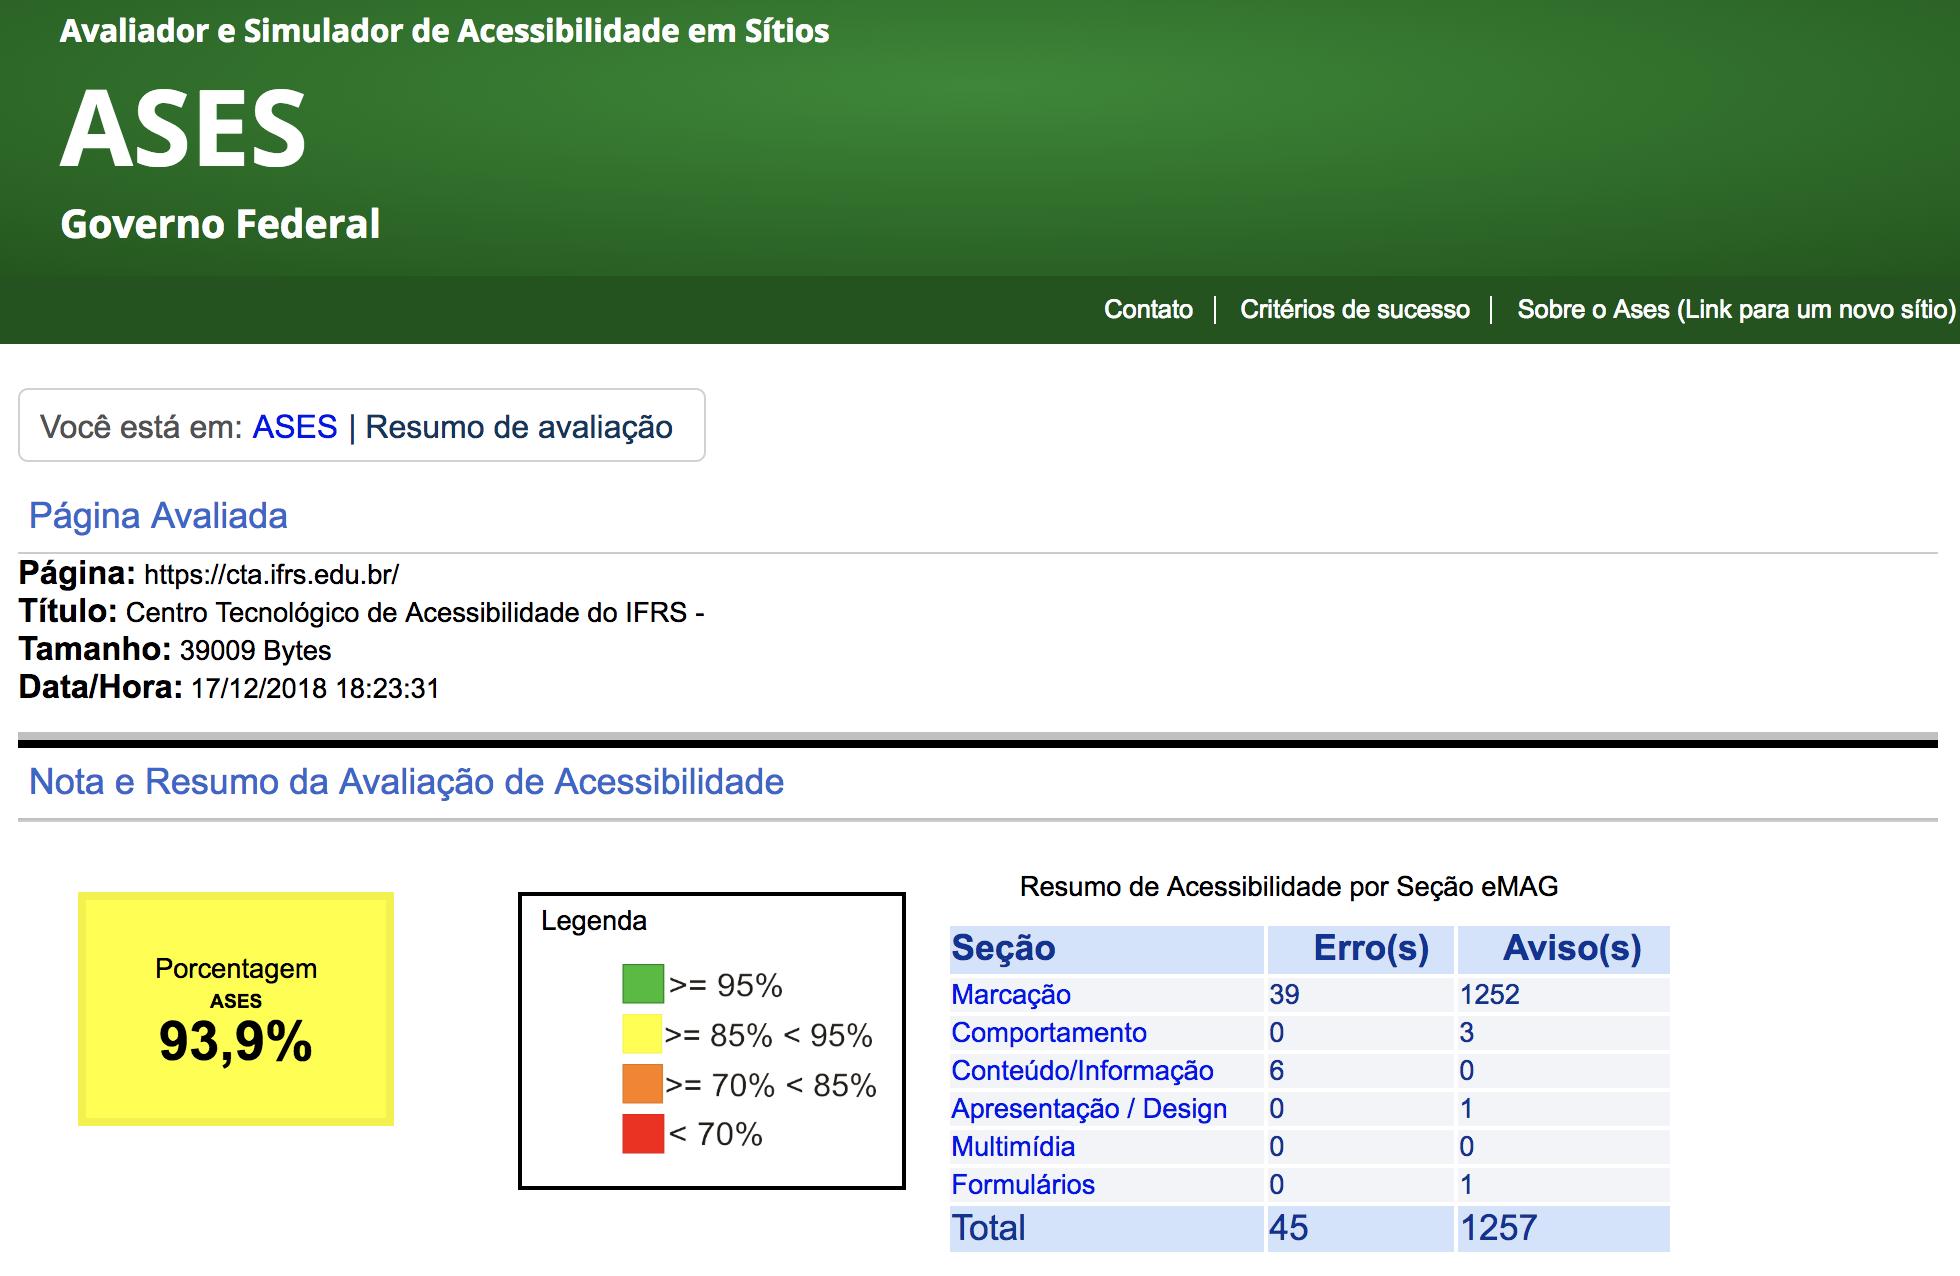 Tela de resultado de avaliação de acessibilidade de um site no ases